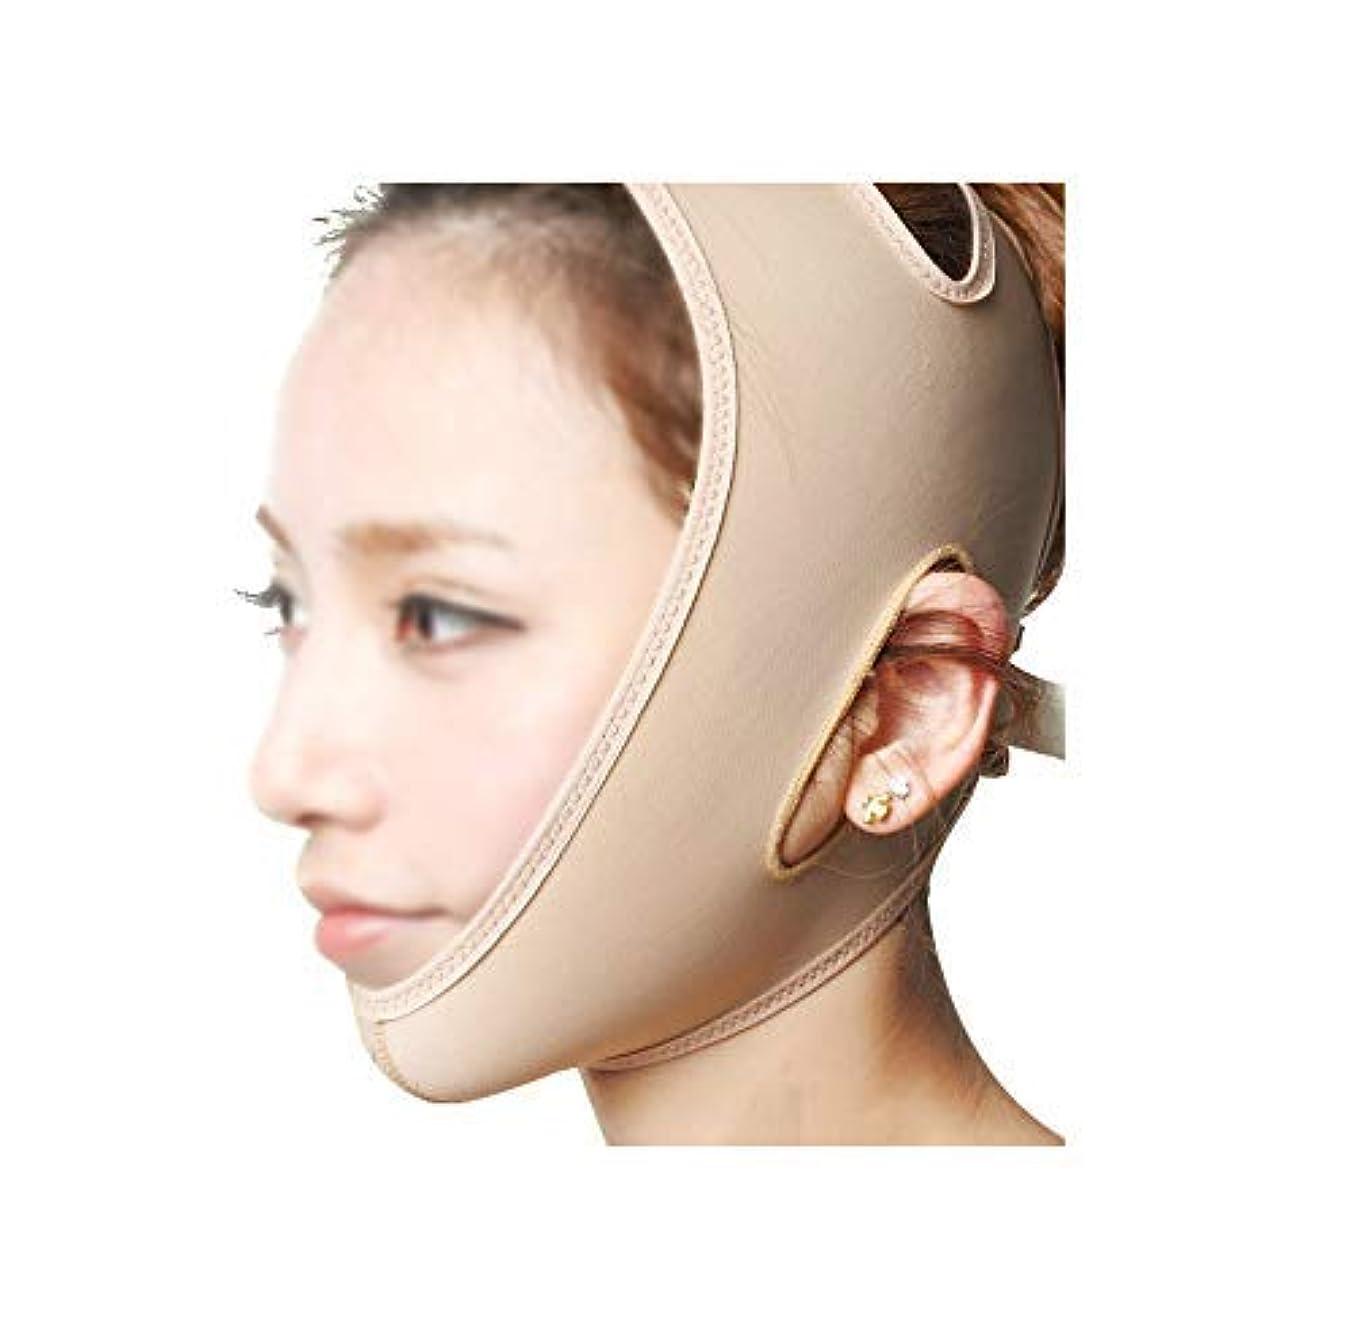 滅びる練習したメンテナンスフェイスリフティングバンデージ、フェイスマスク3Dパネルデザイン、通気性に優れたライクラ素材の物理的なVフェイス、美しい顔の輪郭の作成(サイズ:S),Xl